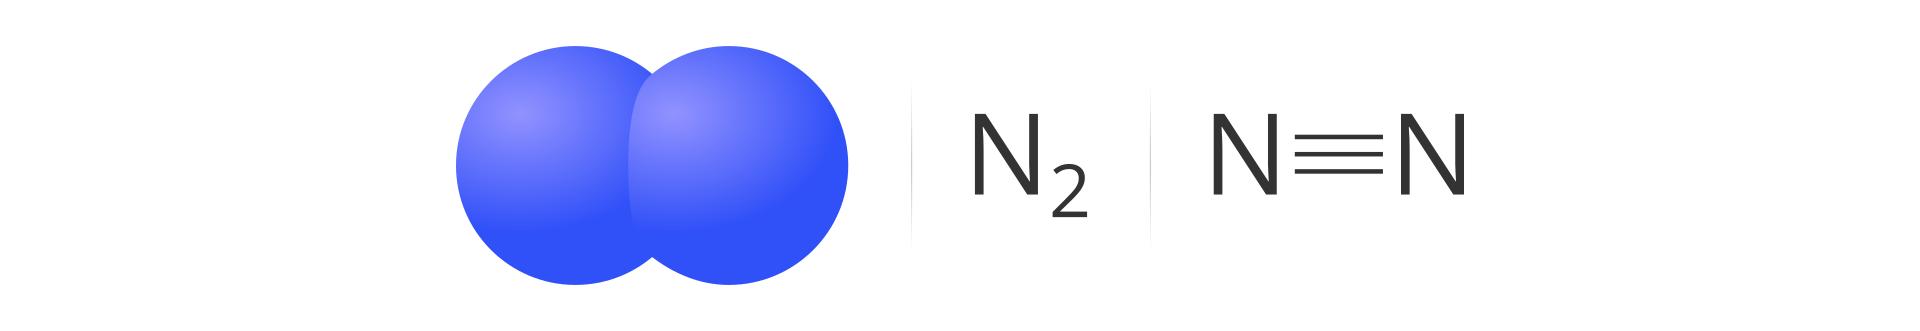 Pierwszy kadr galerii. Ilustracja przedstawia cząsteczkę azotu wpostaci graficznego modelu przedstawiającego połączone ze sobą dwie niebieskie kulki, sumarycznego wzoru N2 oraz wzoru strukturalnego, wktórym atomy azotu łączy wiązanie potrójne.